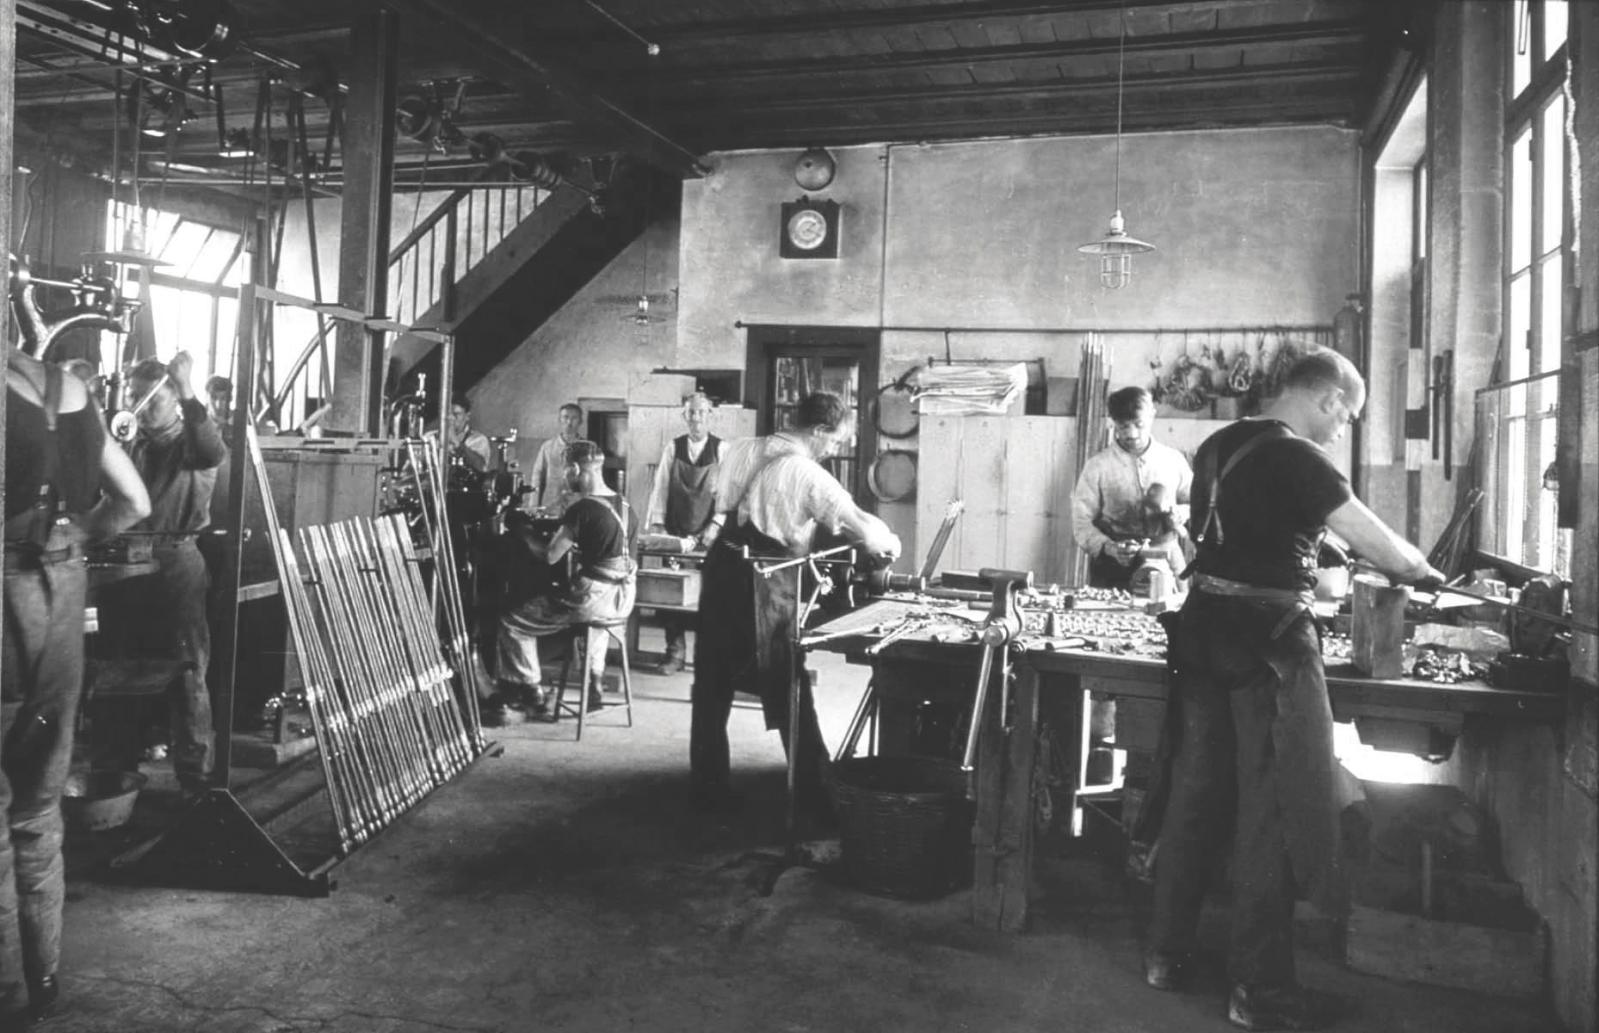 L'atelier USM autour des années 1920.